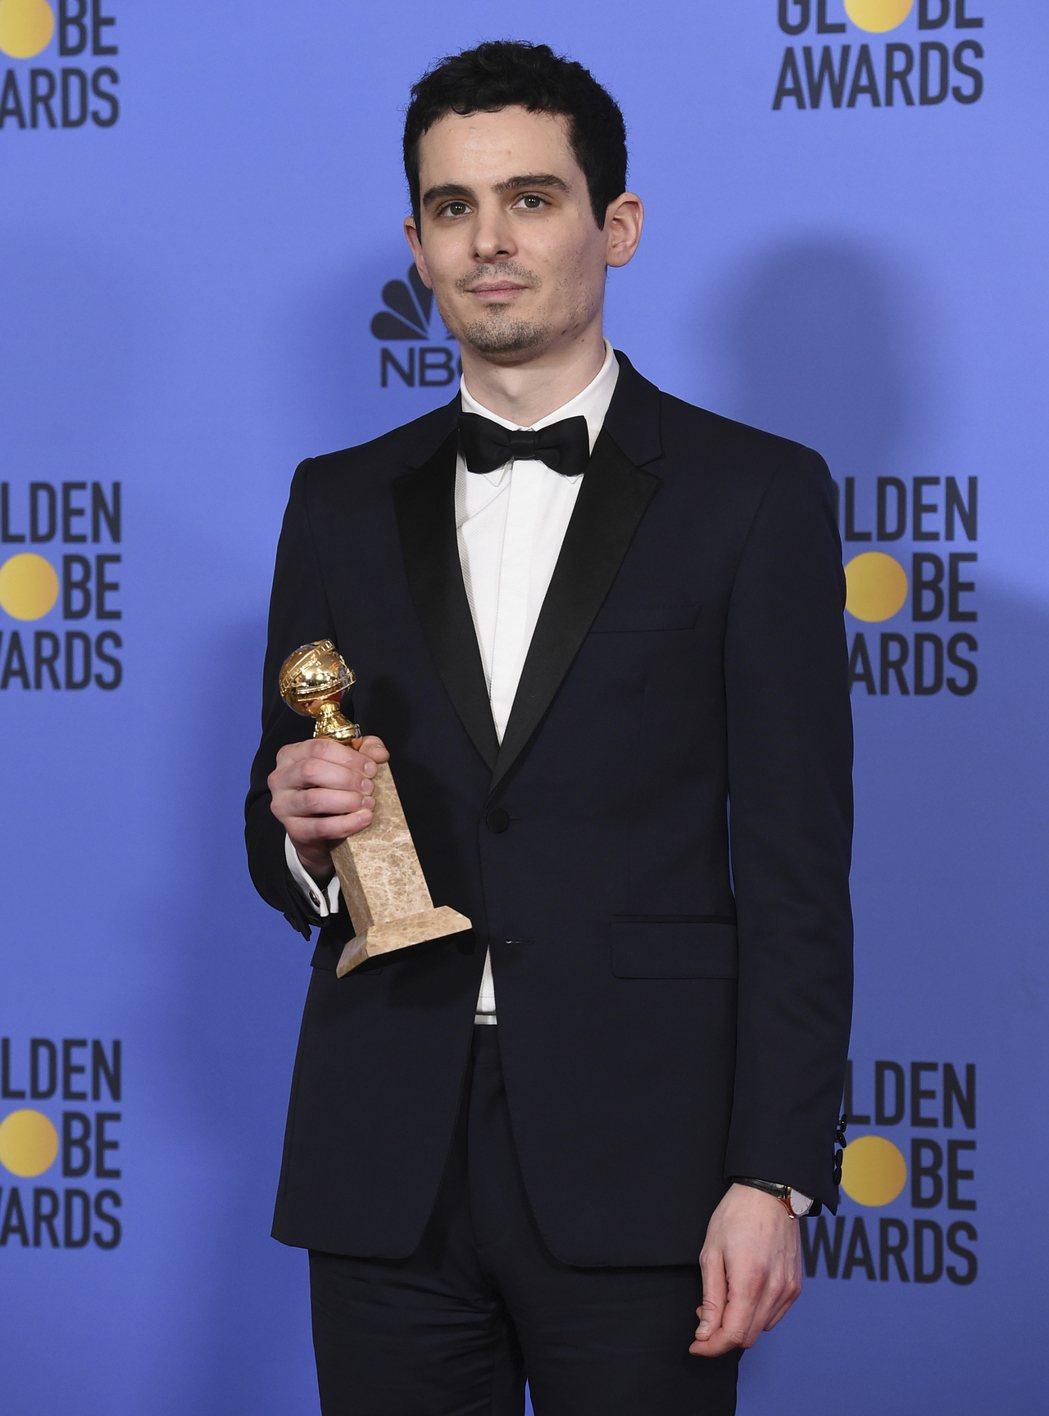 《樂來越愛你》的達米恩查澤雷獲金球獎電影類最佳導演。 圖/美聯社